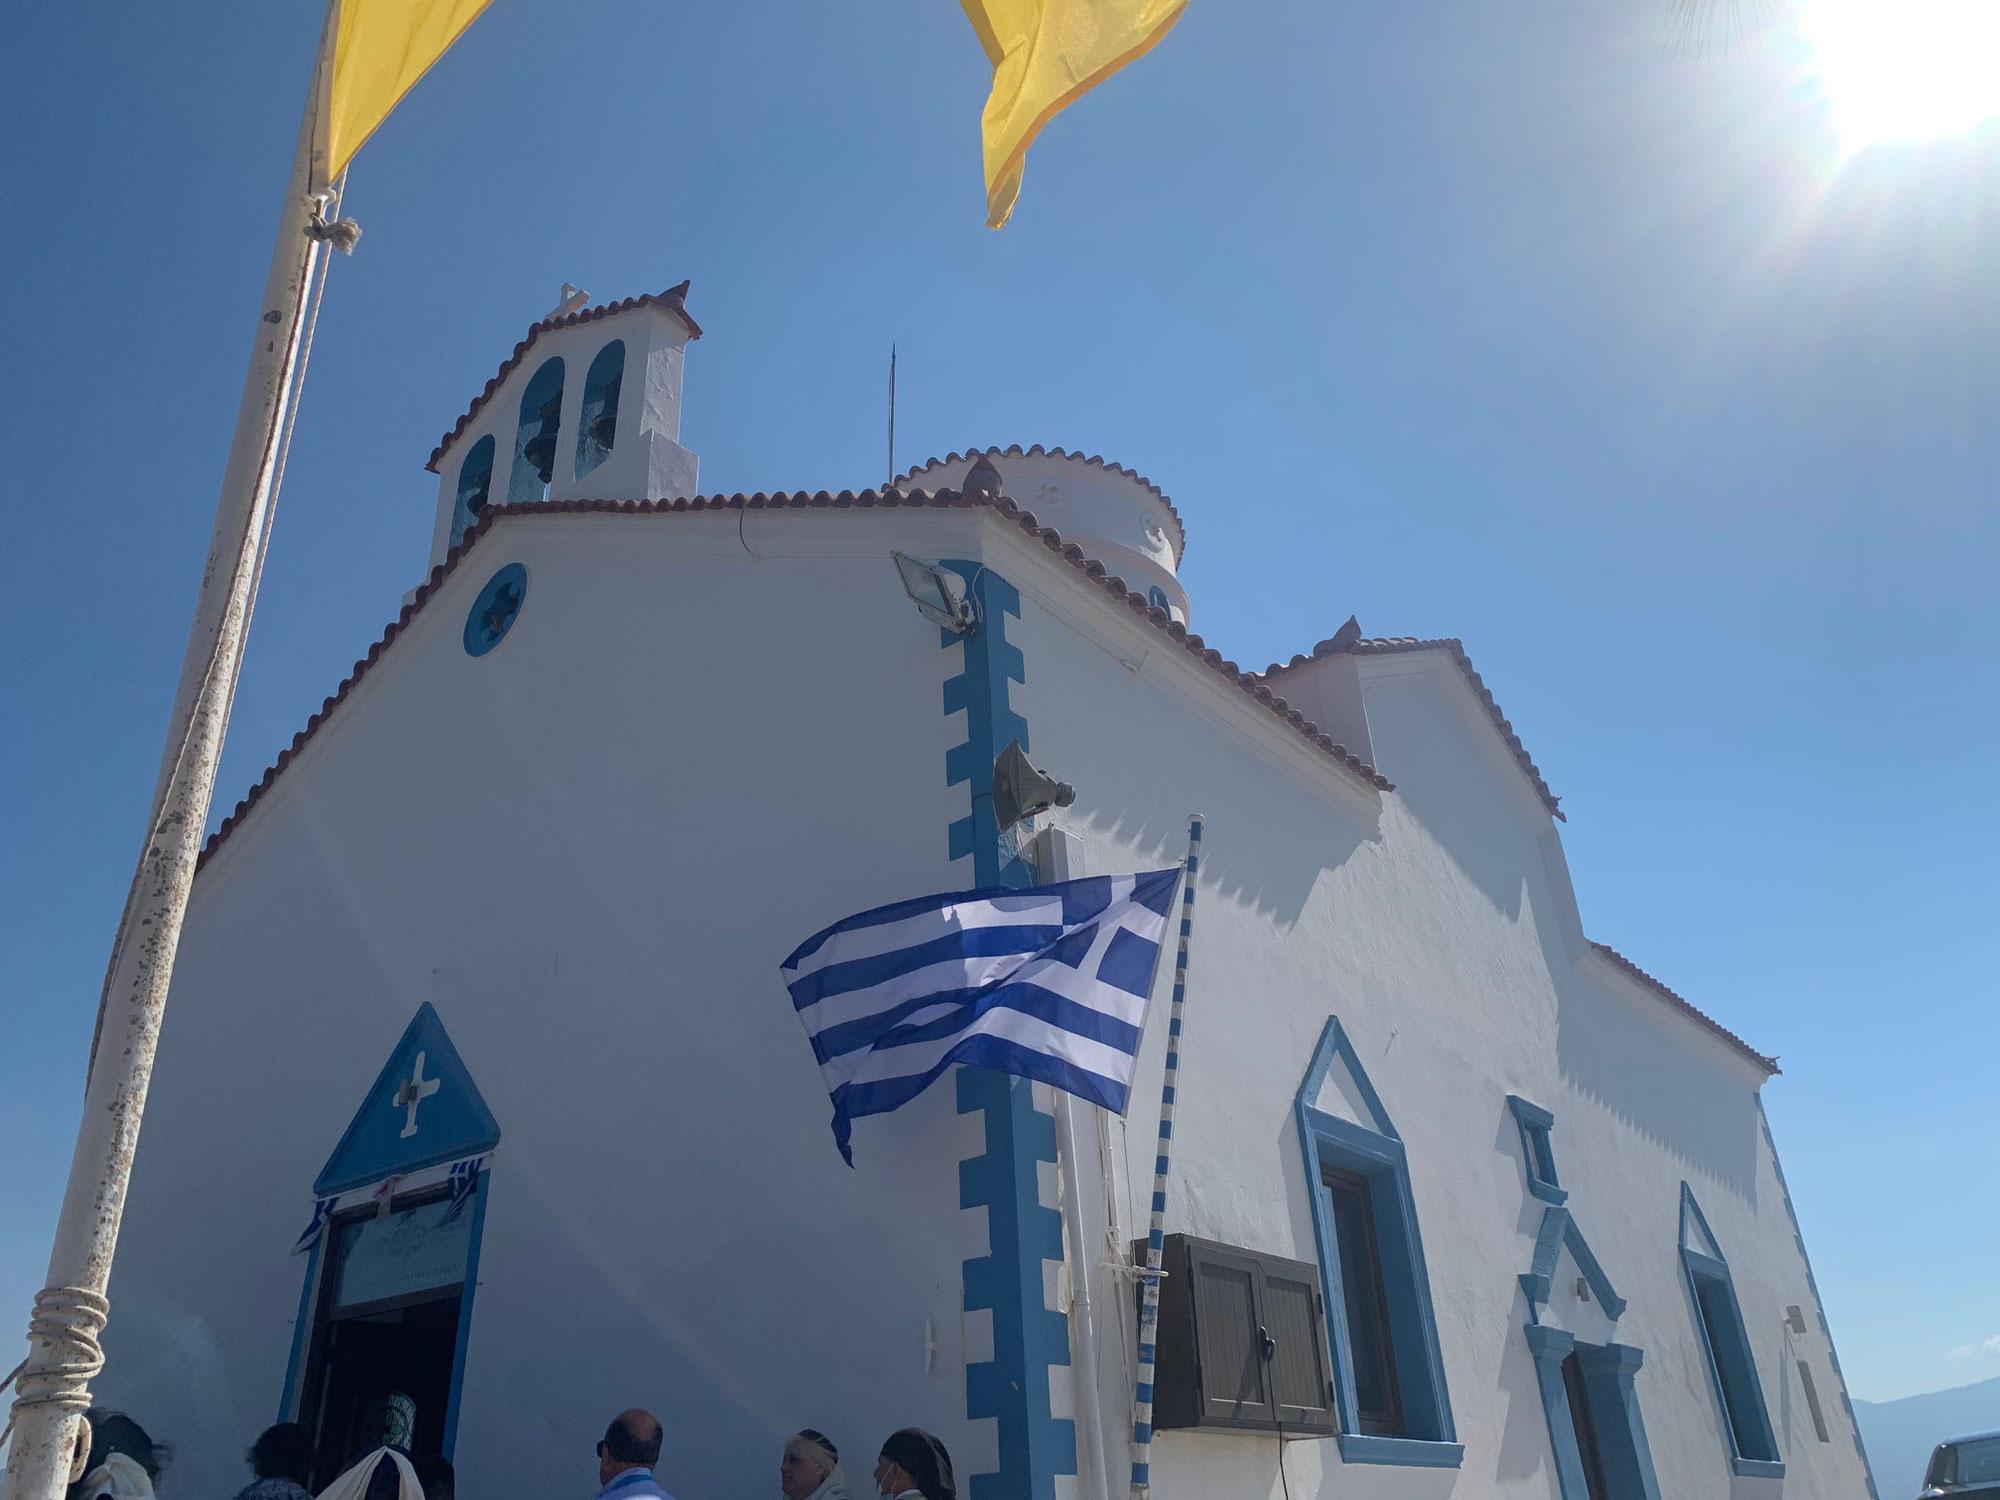 9 luglio 1858: Consacrazione di Agios Spyridon